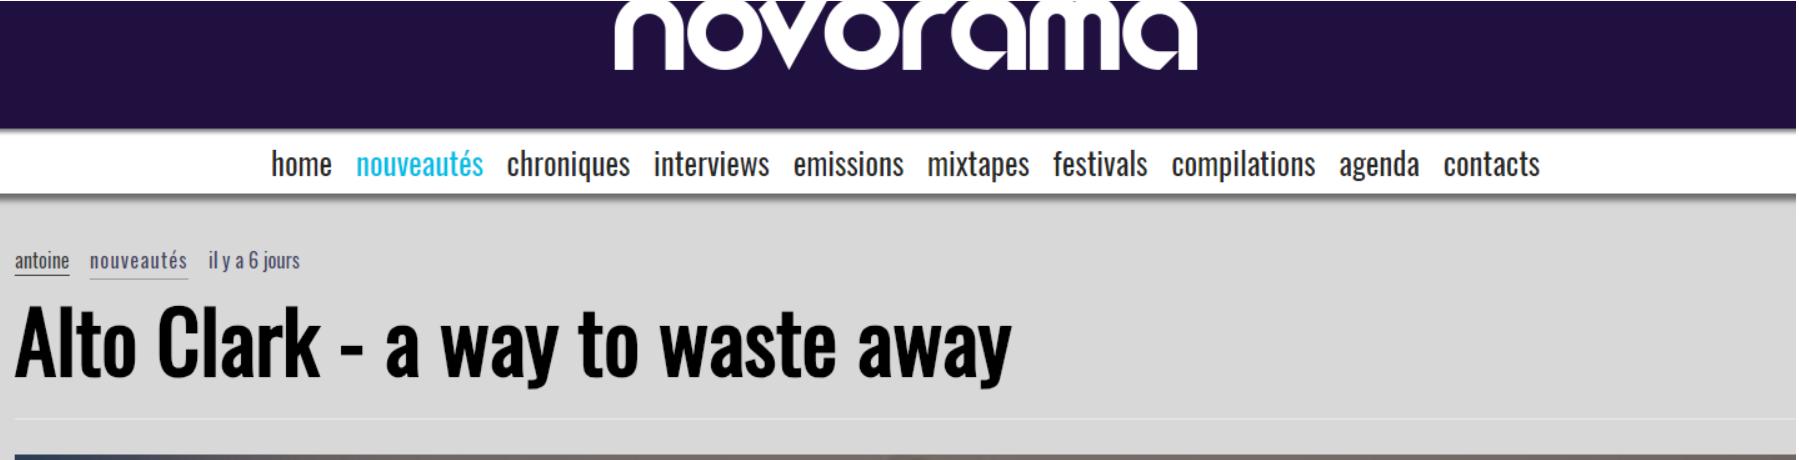 """Novorama qui publie le premier single de l'EP """"A way to waste away"""" d'Alto Clark"""